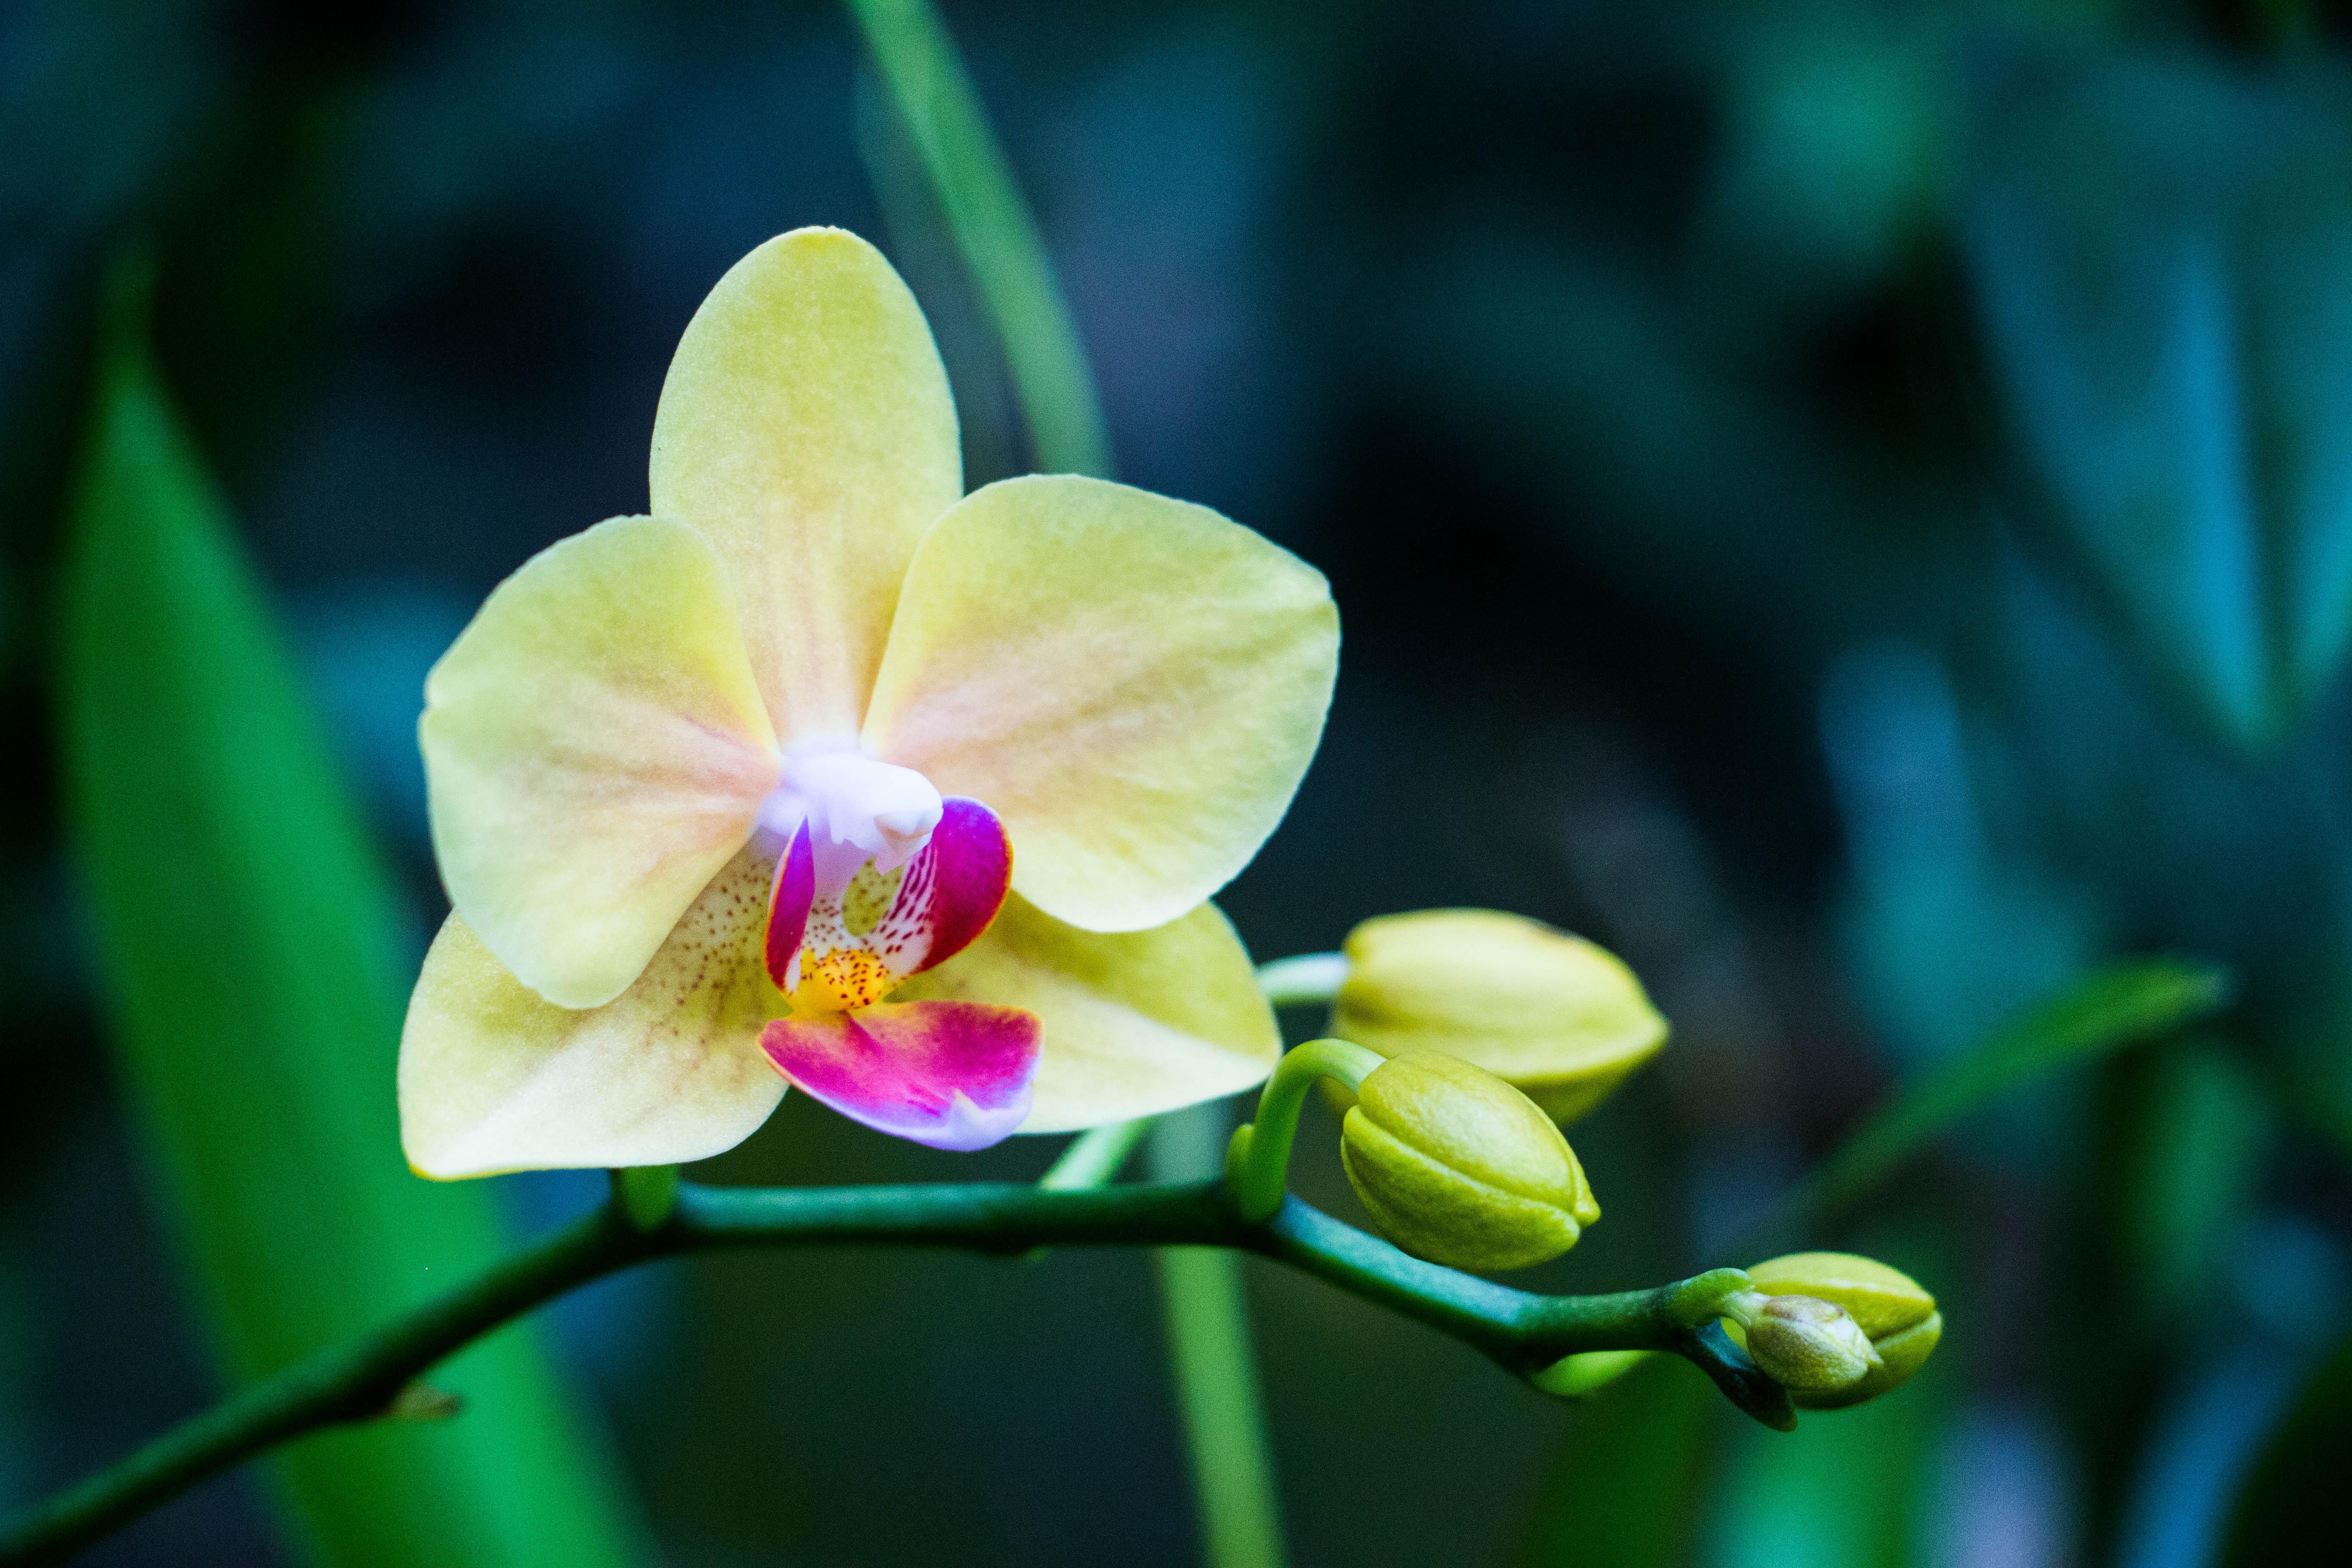 орхидея зелено желтая фото что все